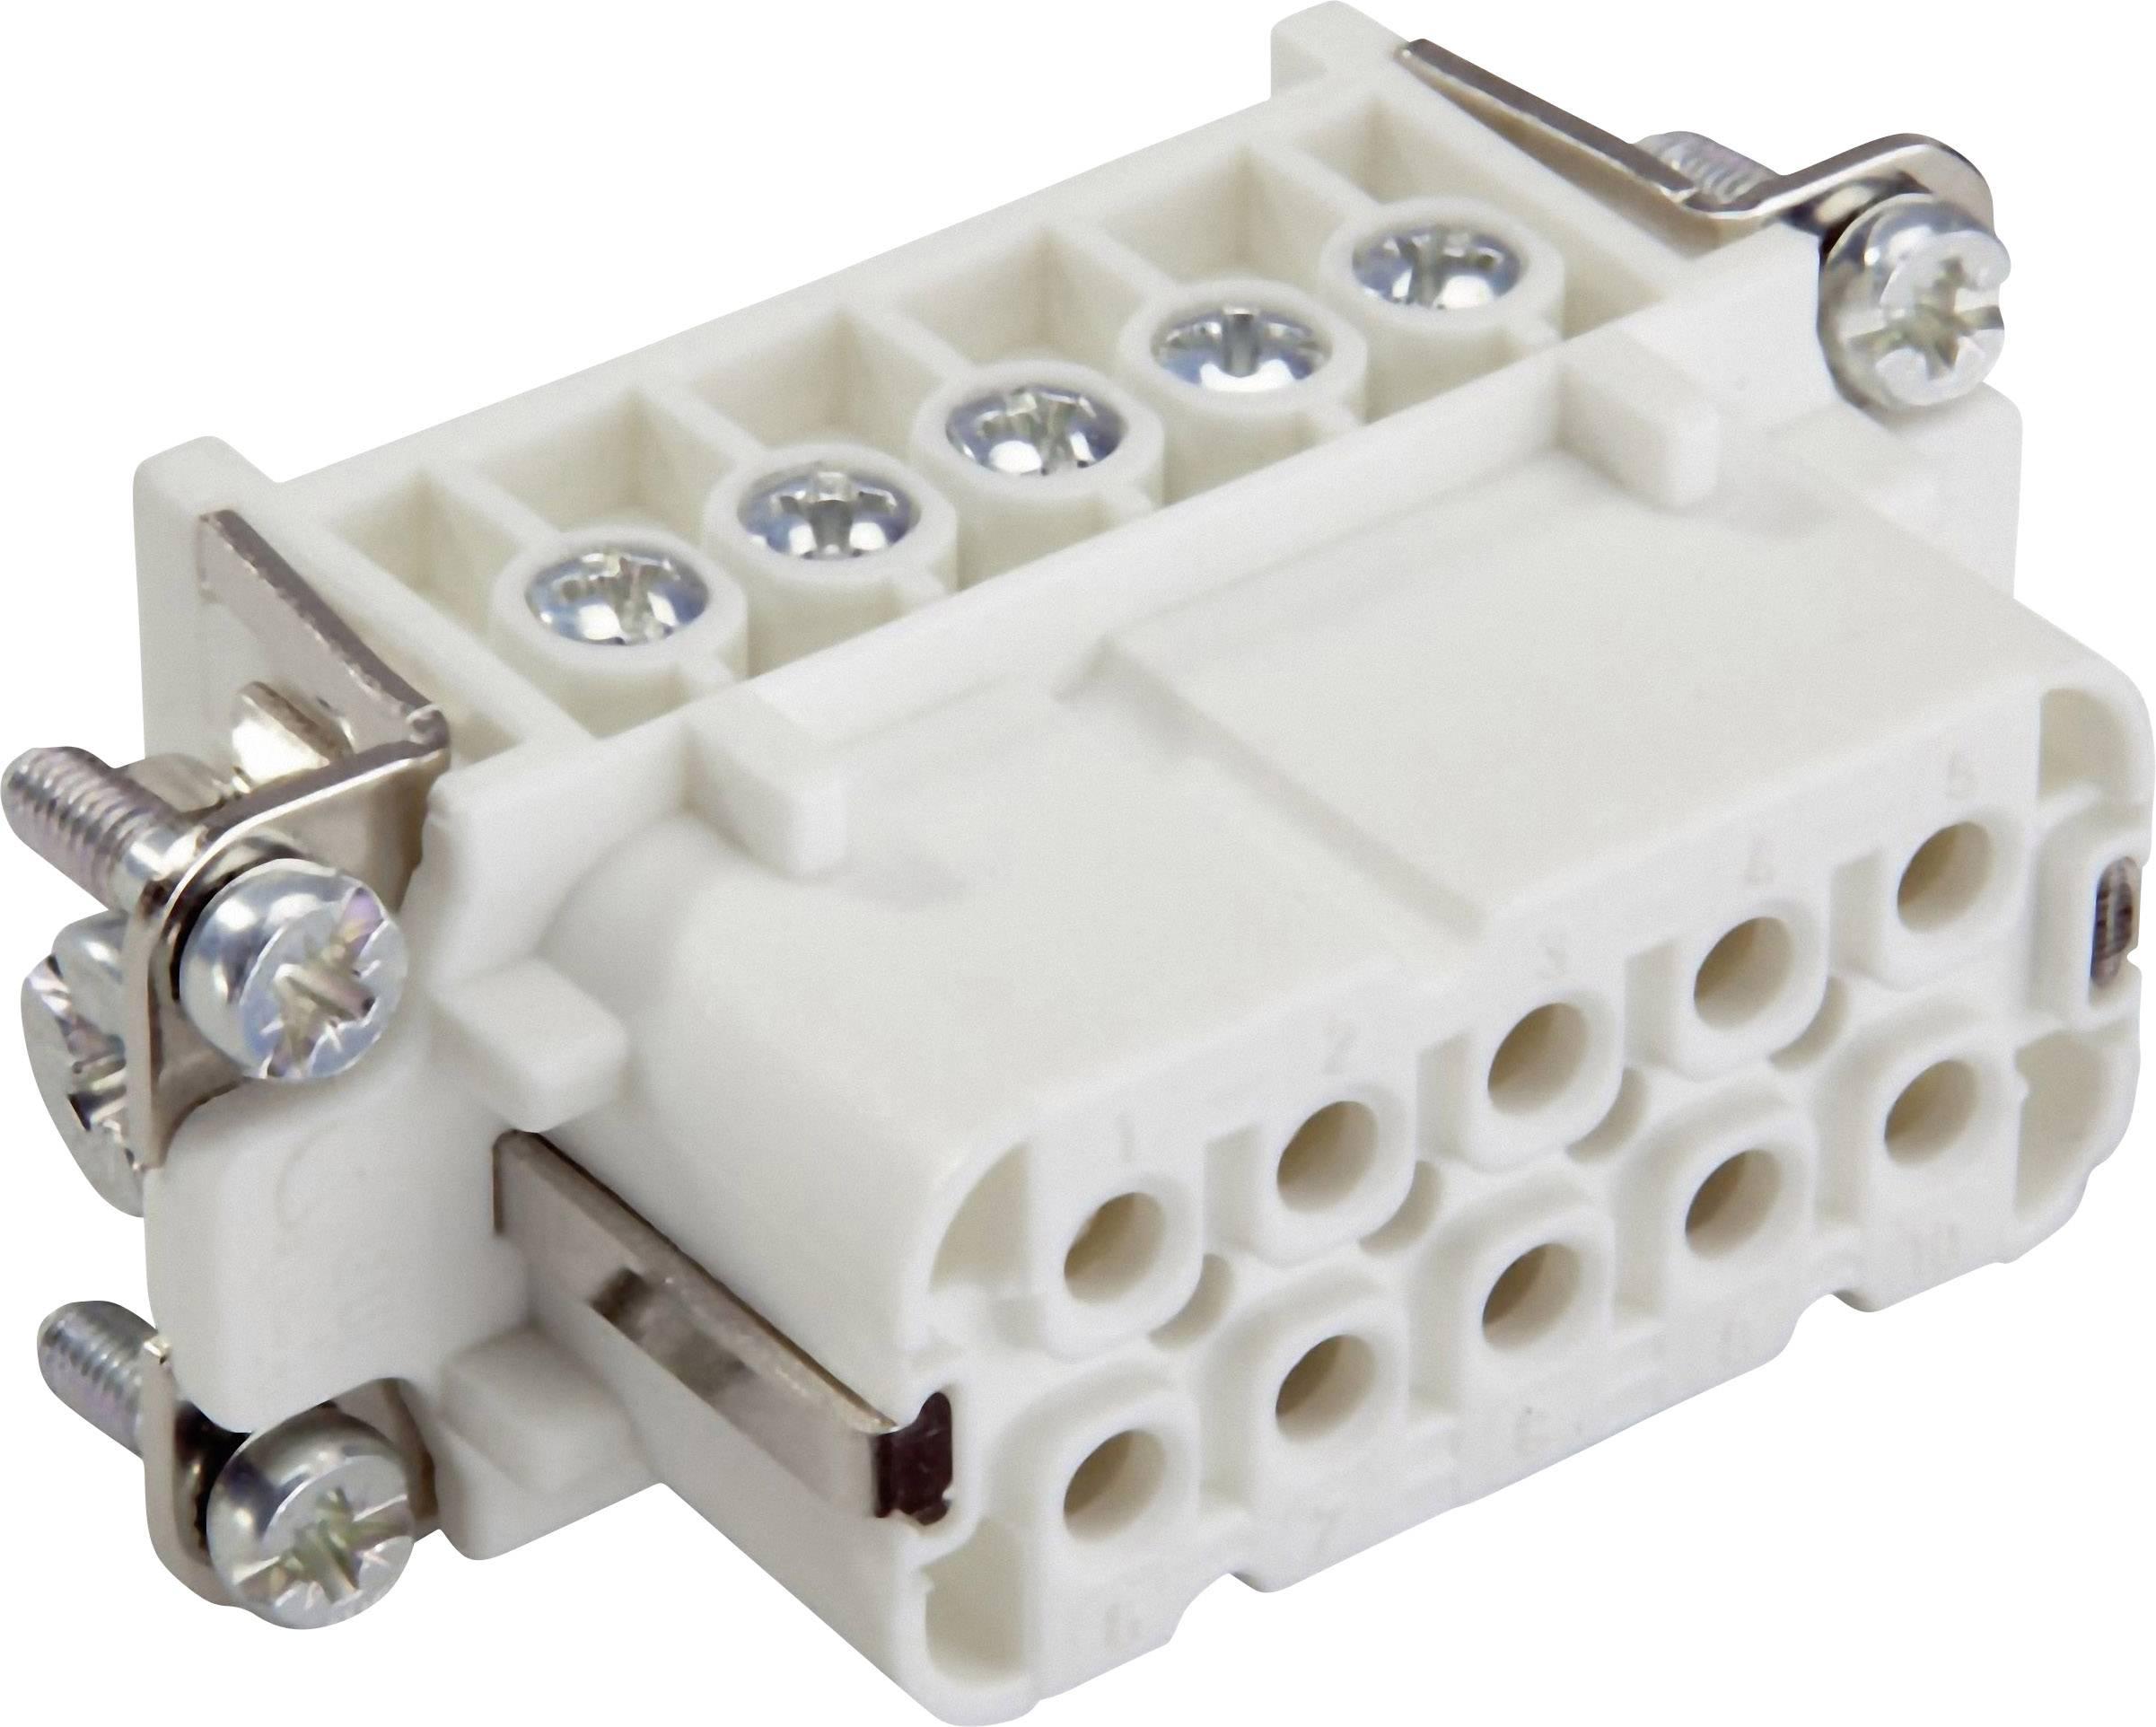 LappKabel EPIC® H-A 10 BS (10441100), IP65, bílá